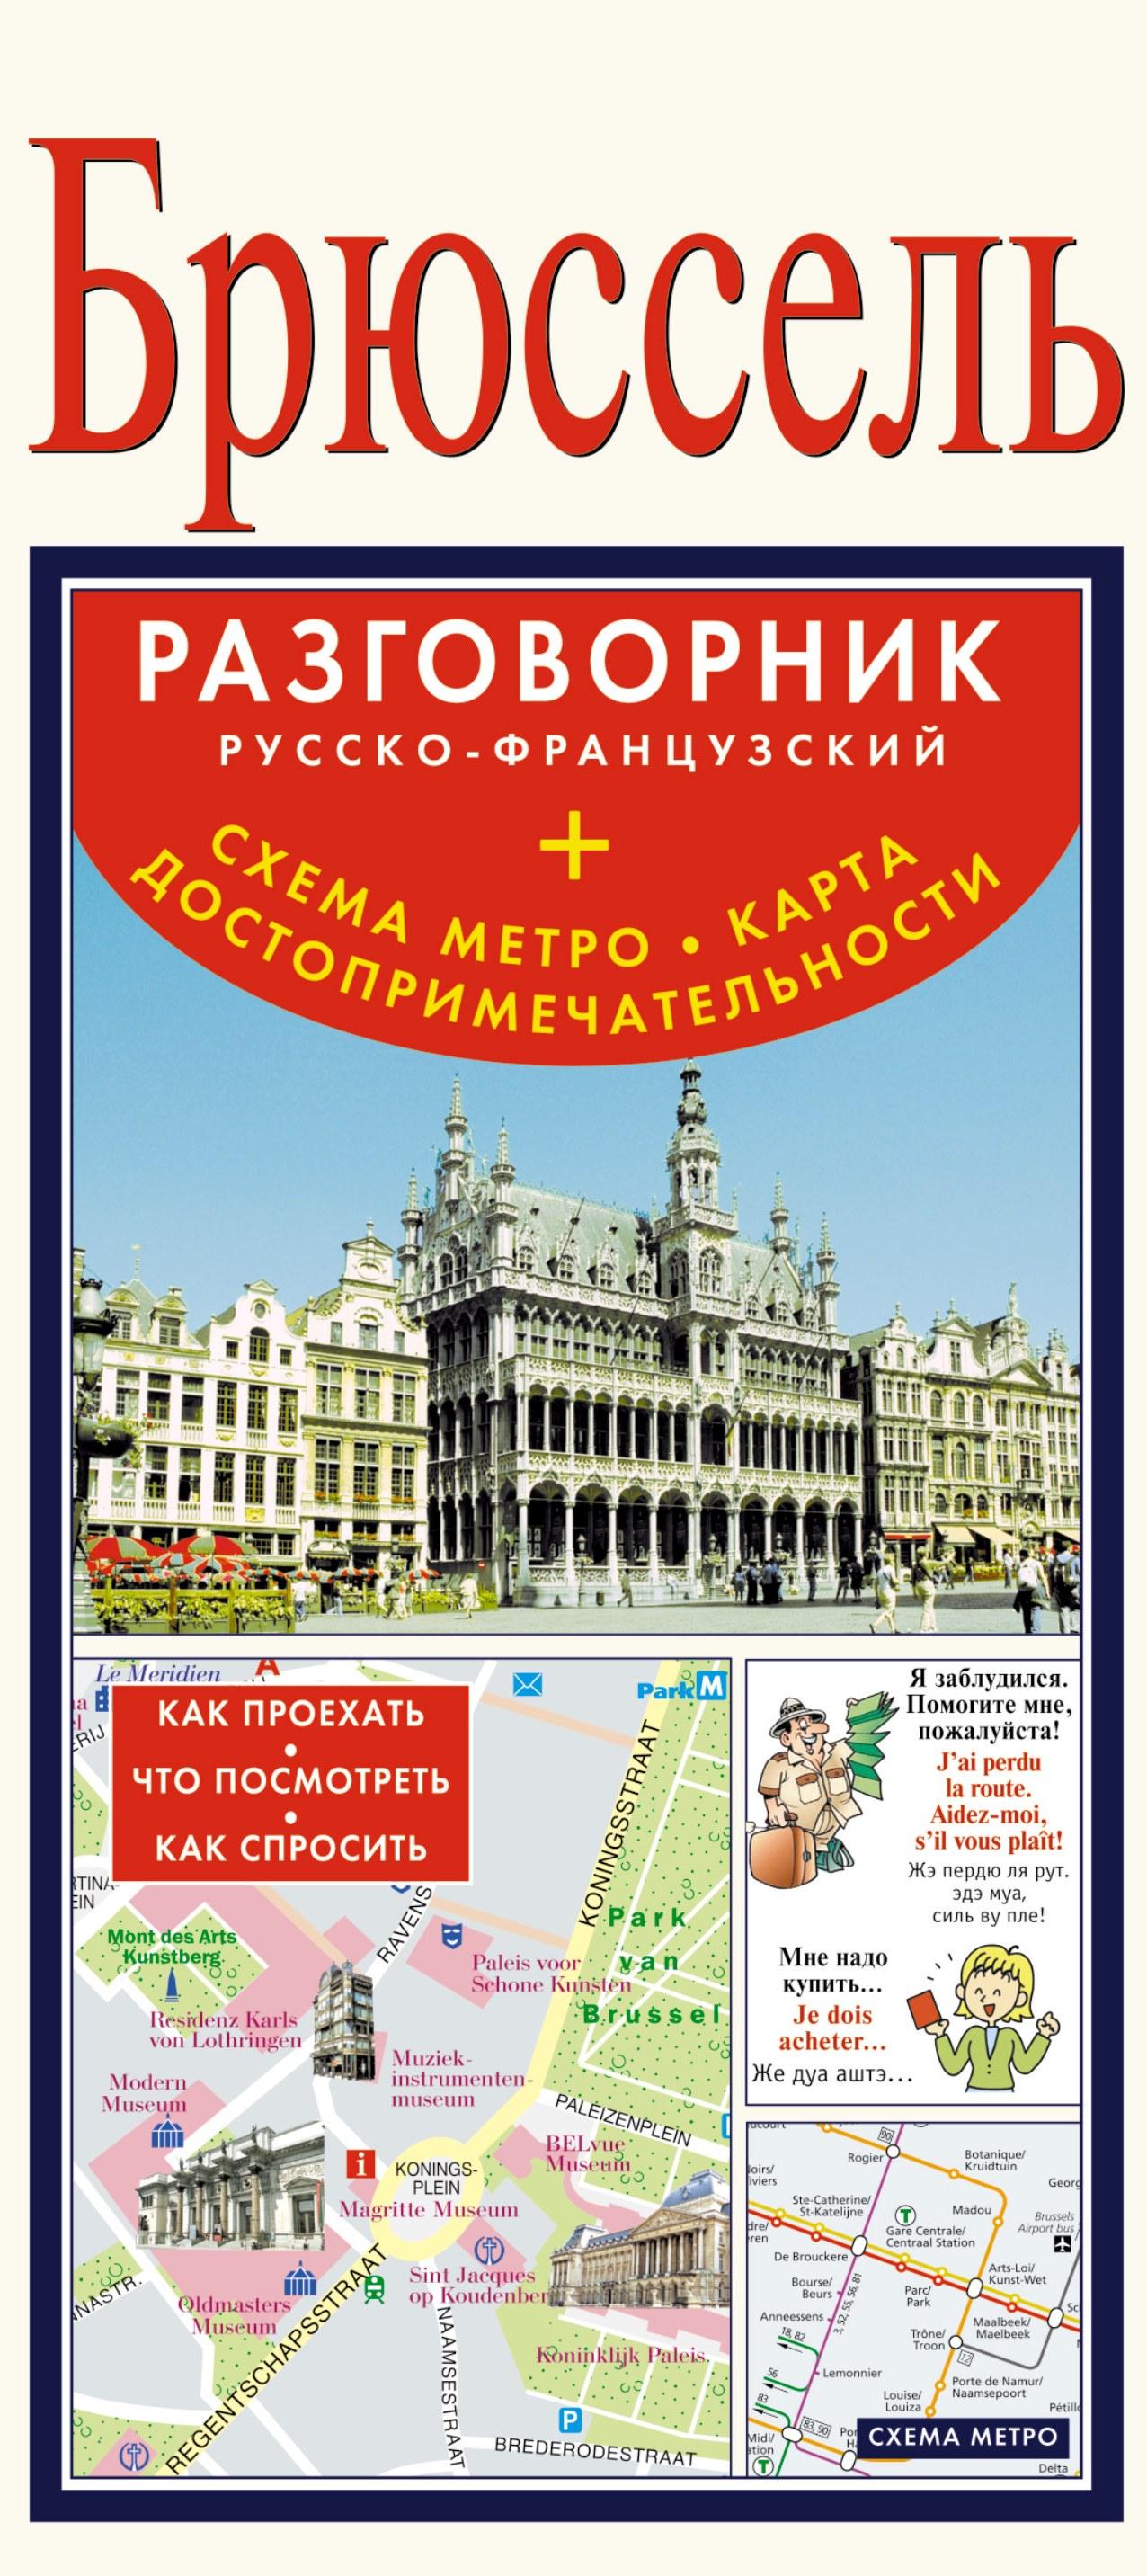 Брюссель. Русско-французский разговорник + схема метро, карта, достопримечательности